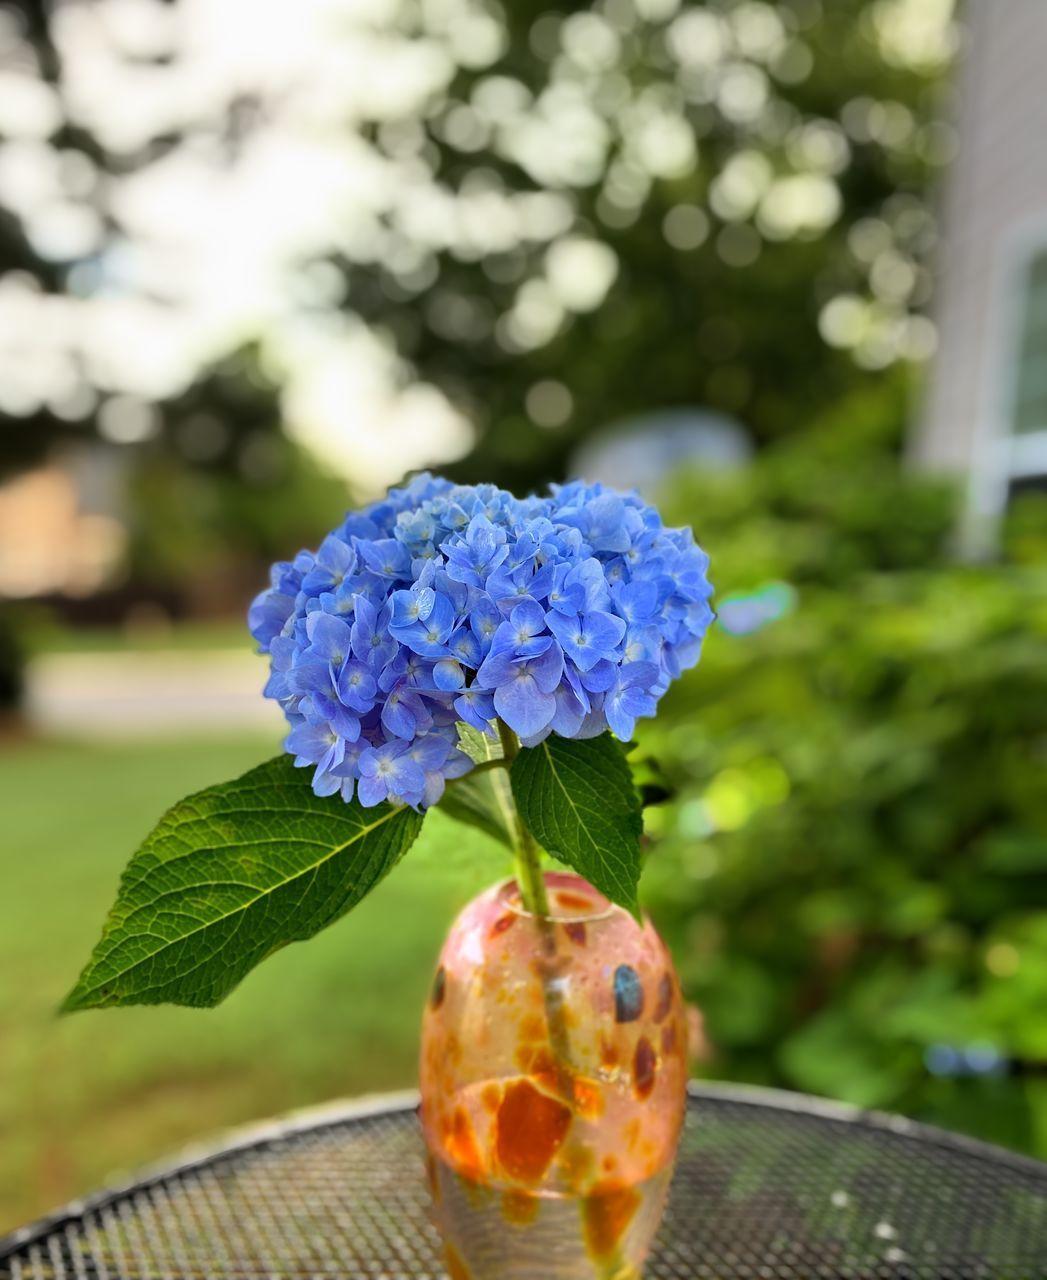 CLOSE-UP OF BLUE FLOWER IN VASE